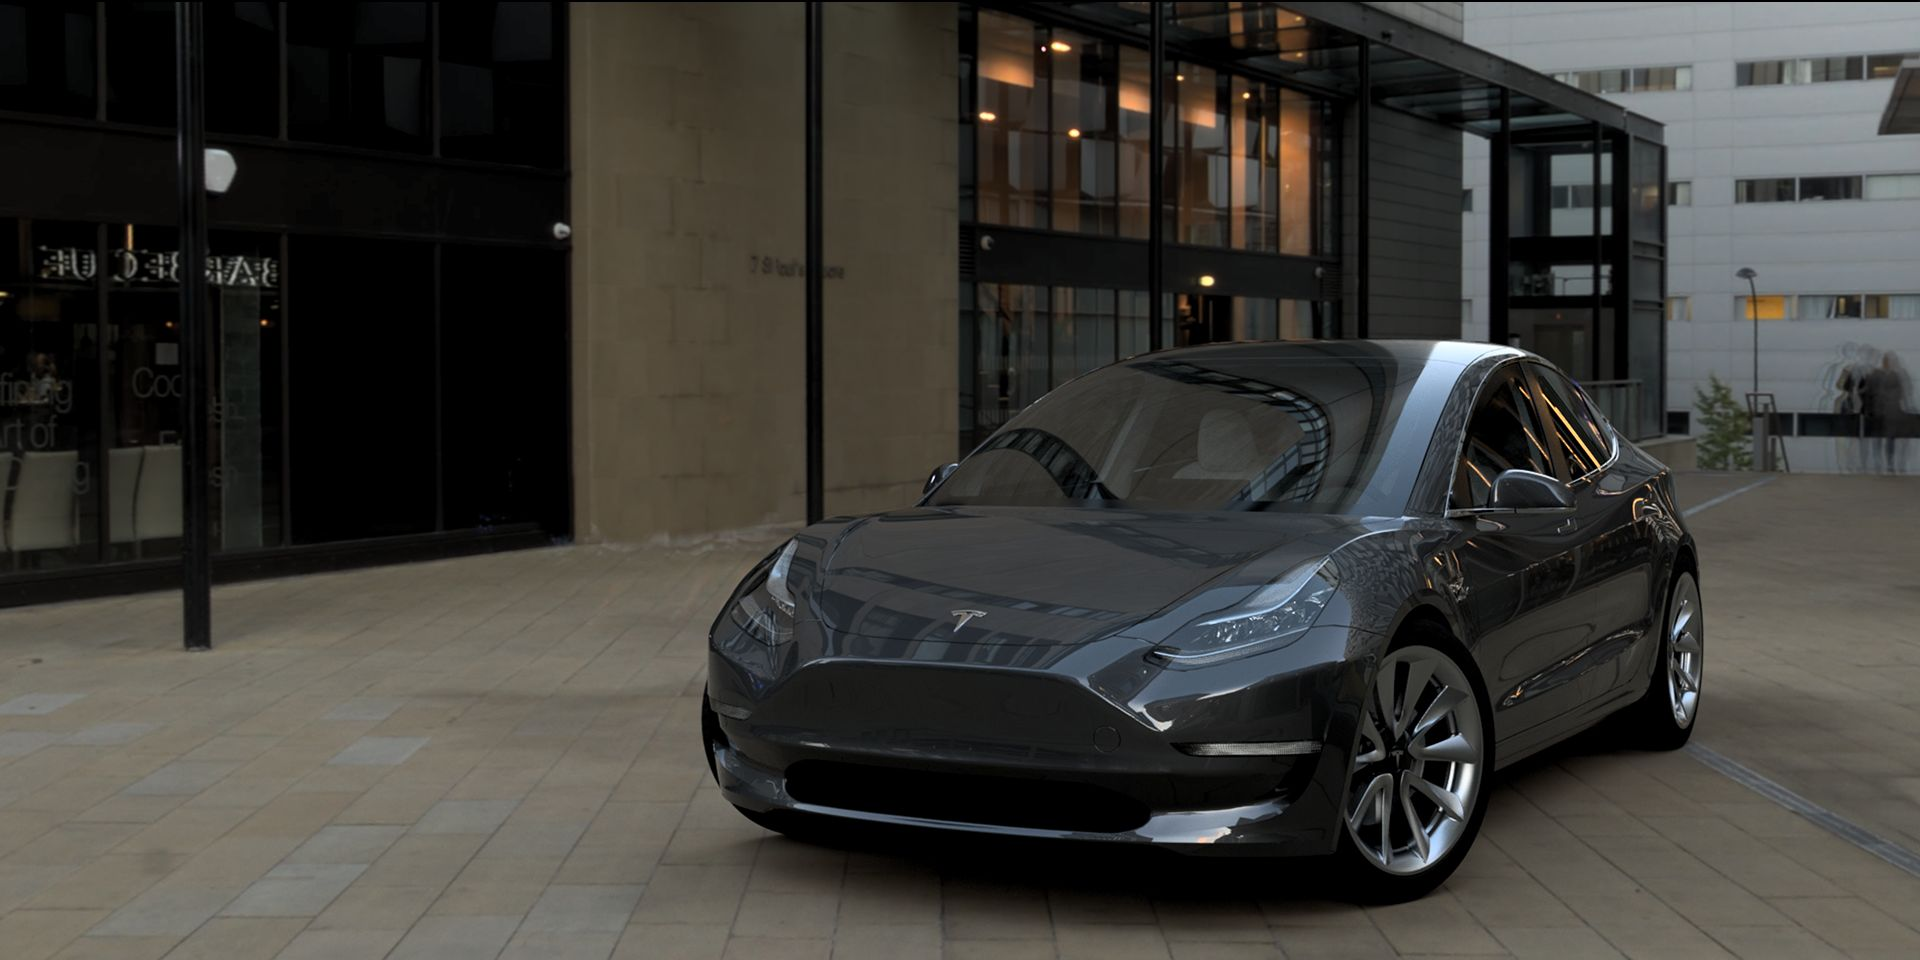 Teslapg01-3500-3500